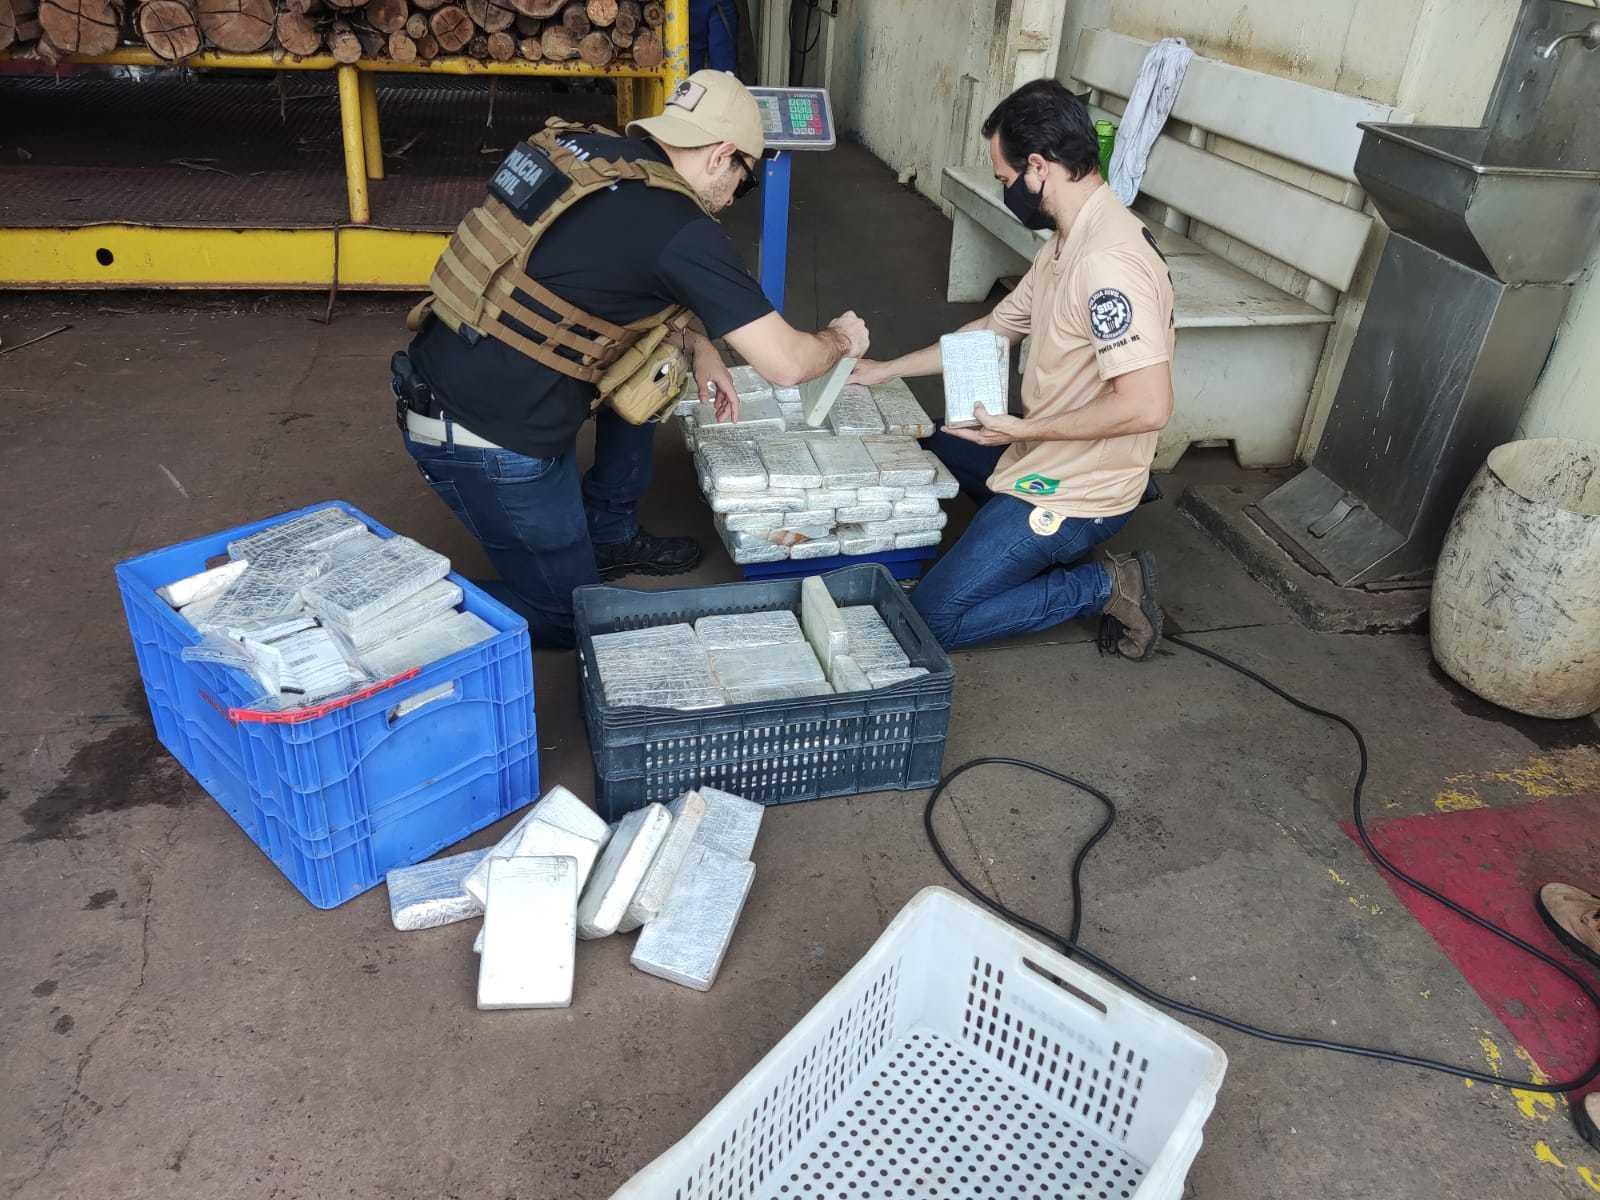 Policiais com os tabletes de cocaína, que foram incinerados durante a operação desta terça-feira (14). (Foto: Polícia Civil)